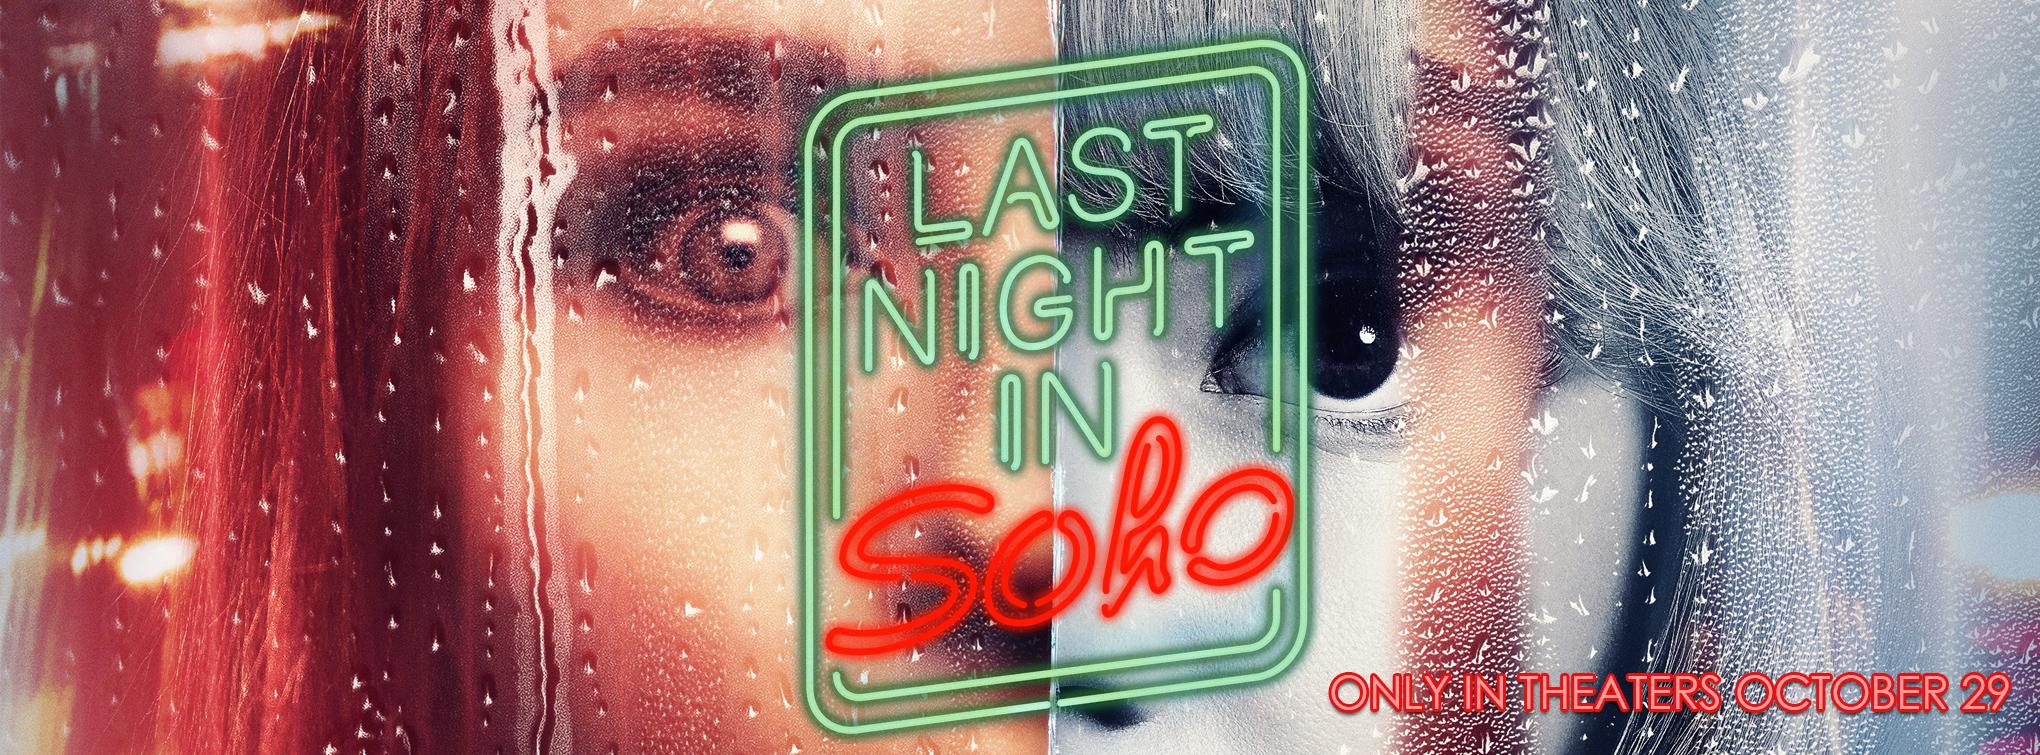 Slider image for Last Night in Soho